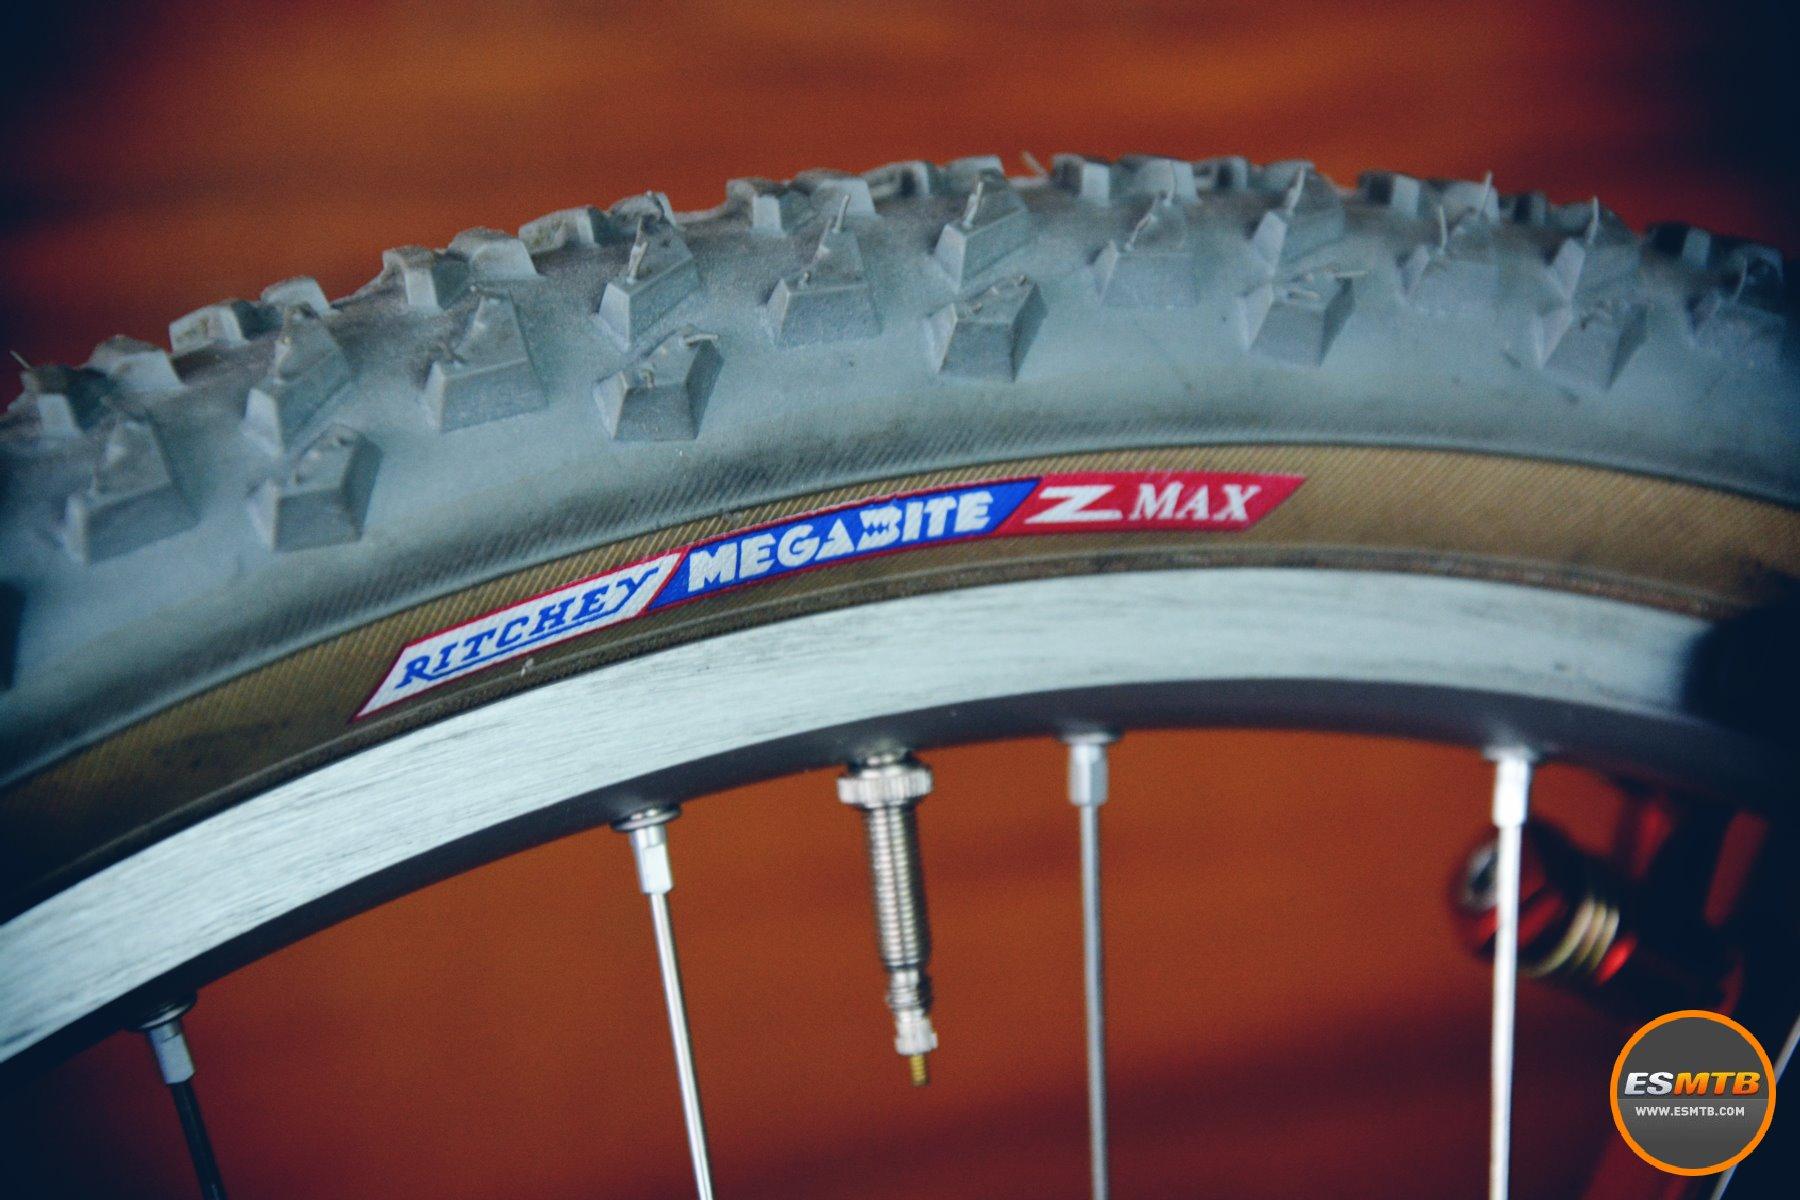 Si eras biker en los 90 es raro que no hayas llevado unos neumáticos Ritchey Z-Max en algún momento